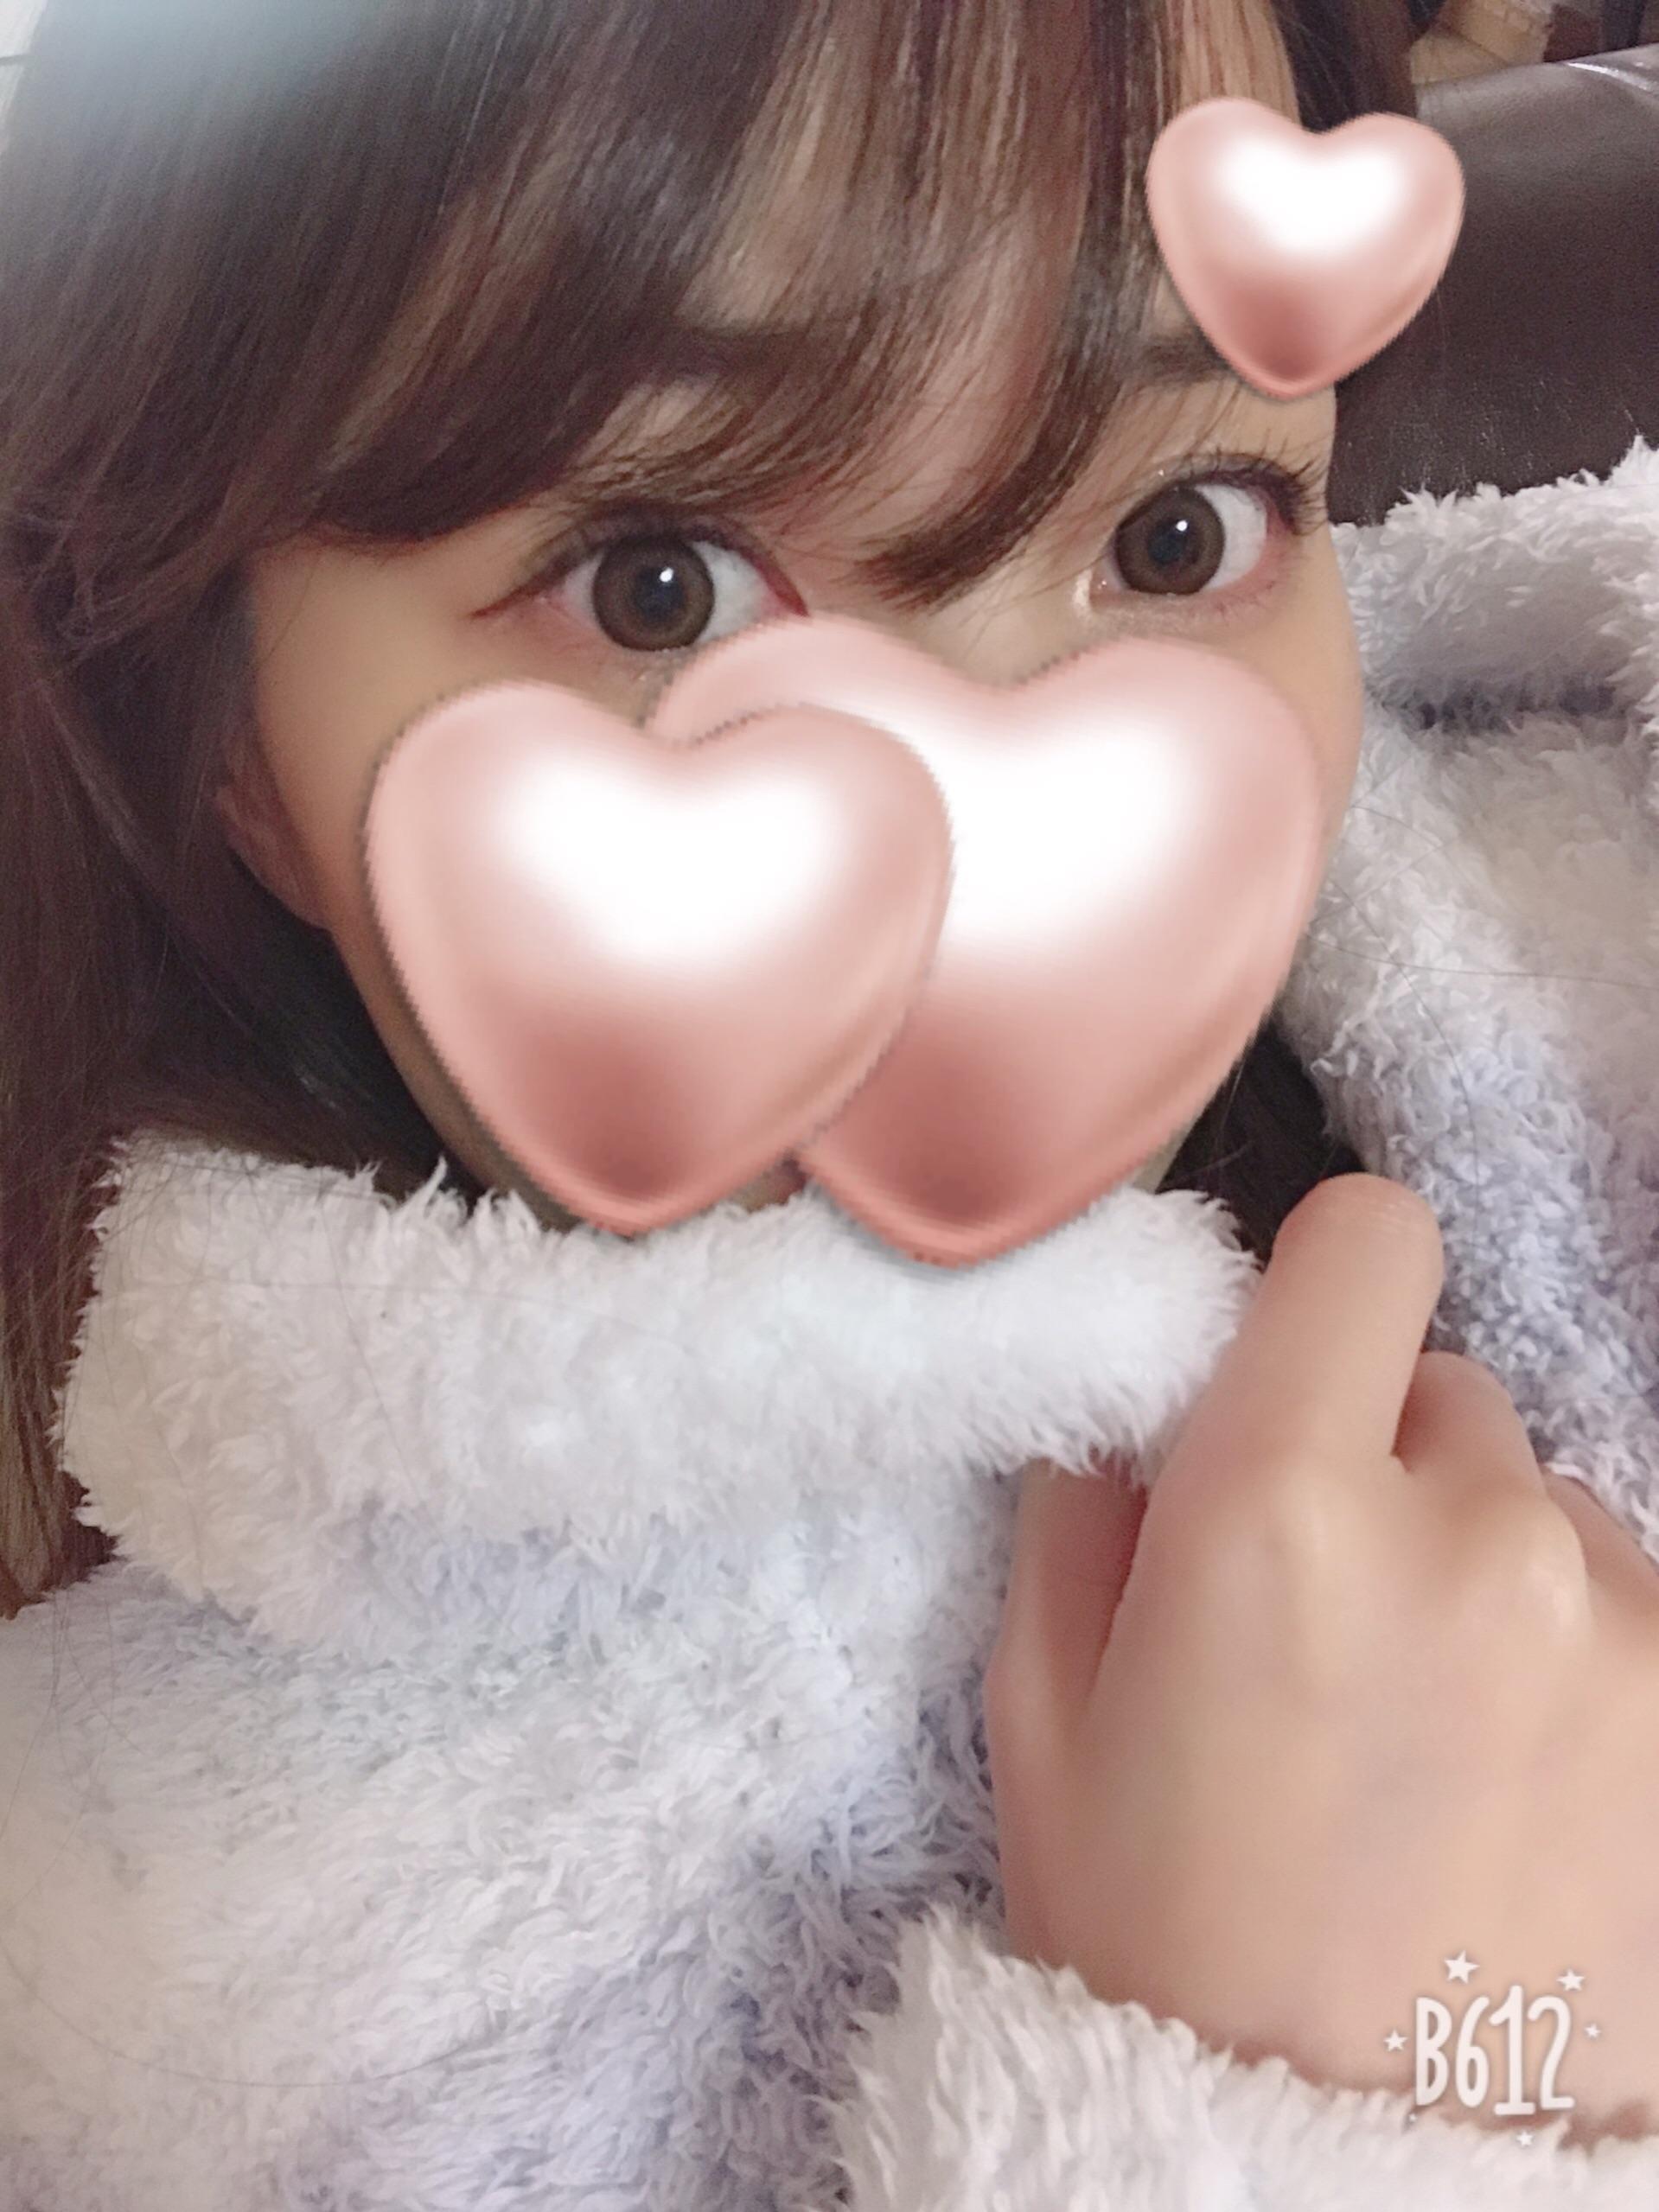 「あけおめ( ^∀^)」01/01(火) 21:51 | りりこの写メ・風俗動画